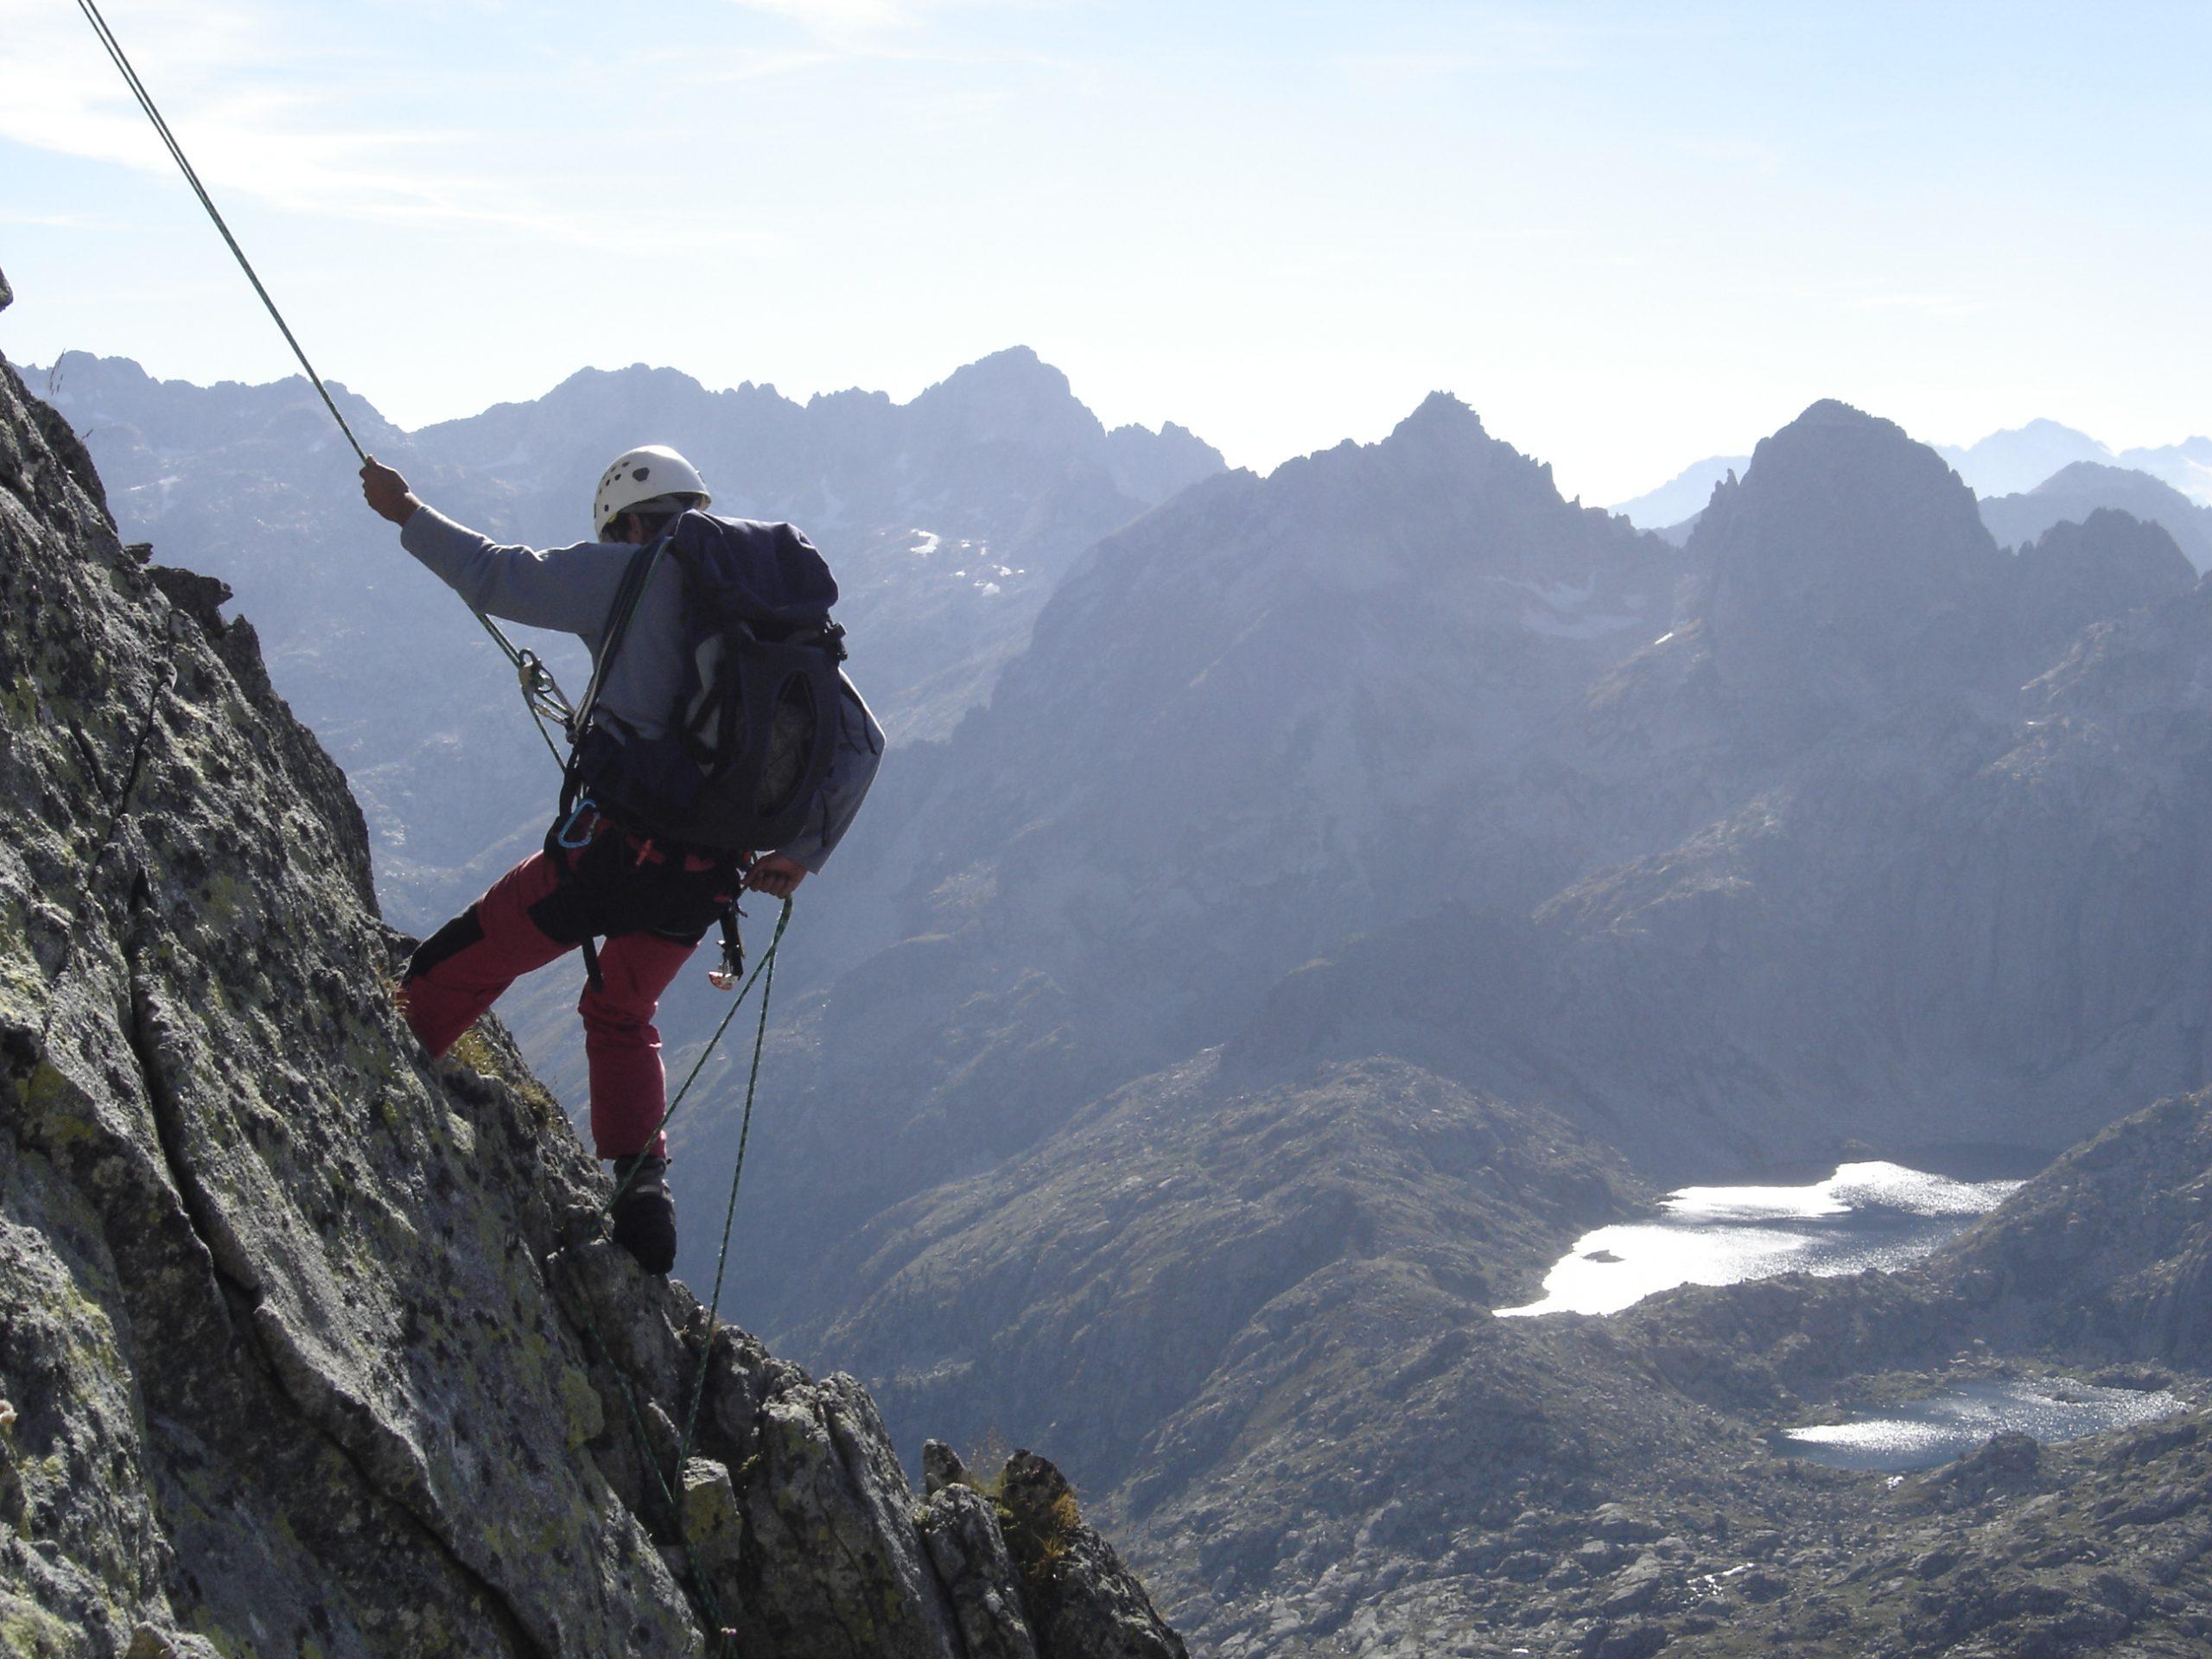 Carros de Roc, la Alta ruta de los Pirineos escalando